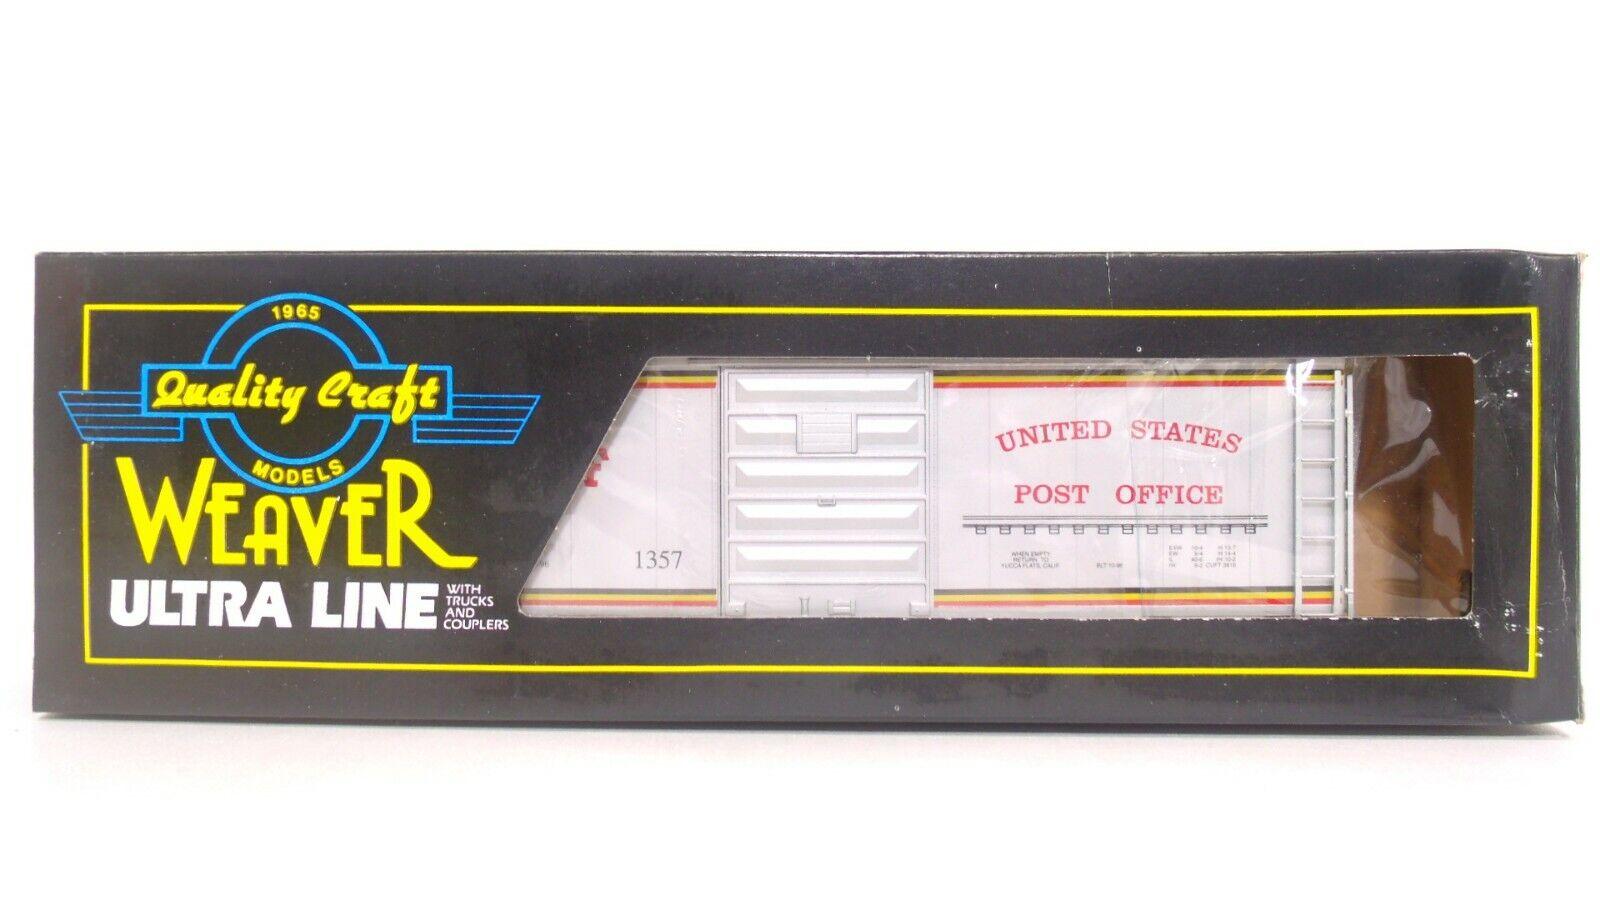 encuentra tu favorito aquí Weaver o BNSF BNSF BNSF United States Post Office 40' PS-1 Caja de Correo Riel Tren Coche 3 -  1357  lo último